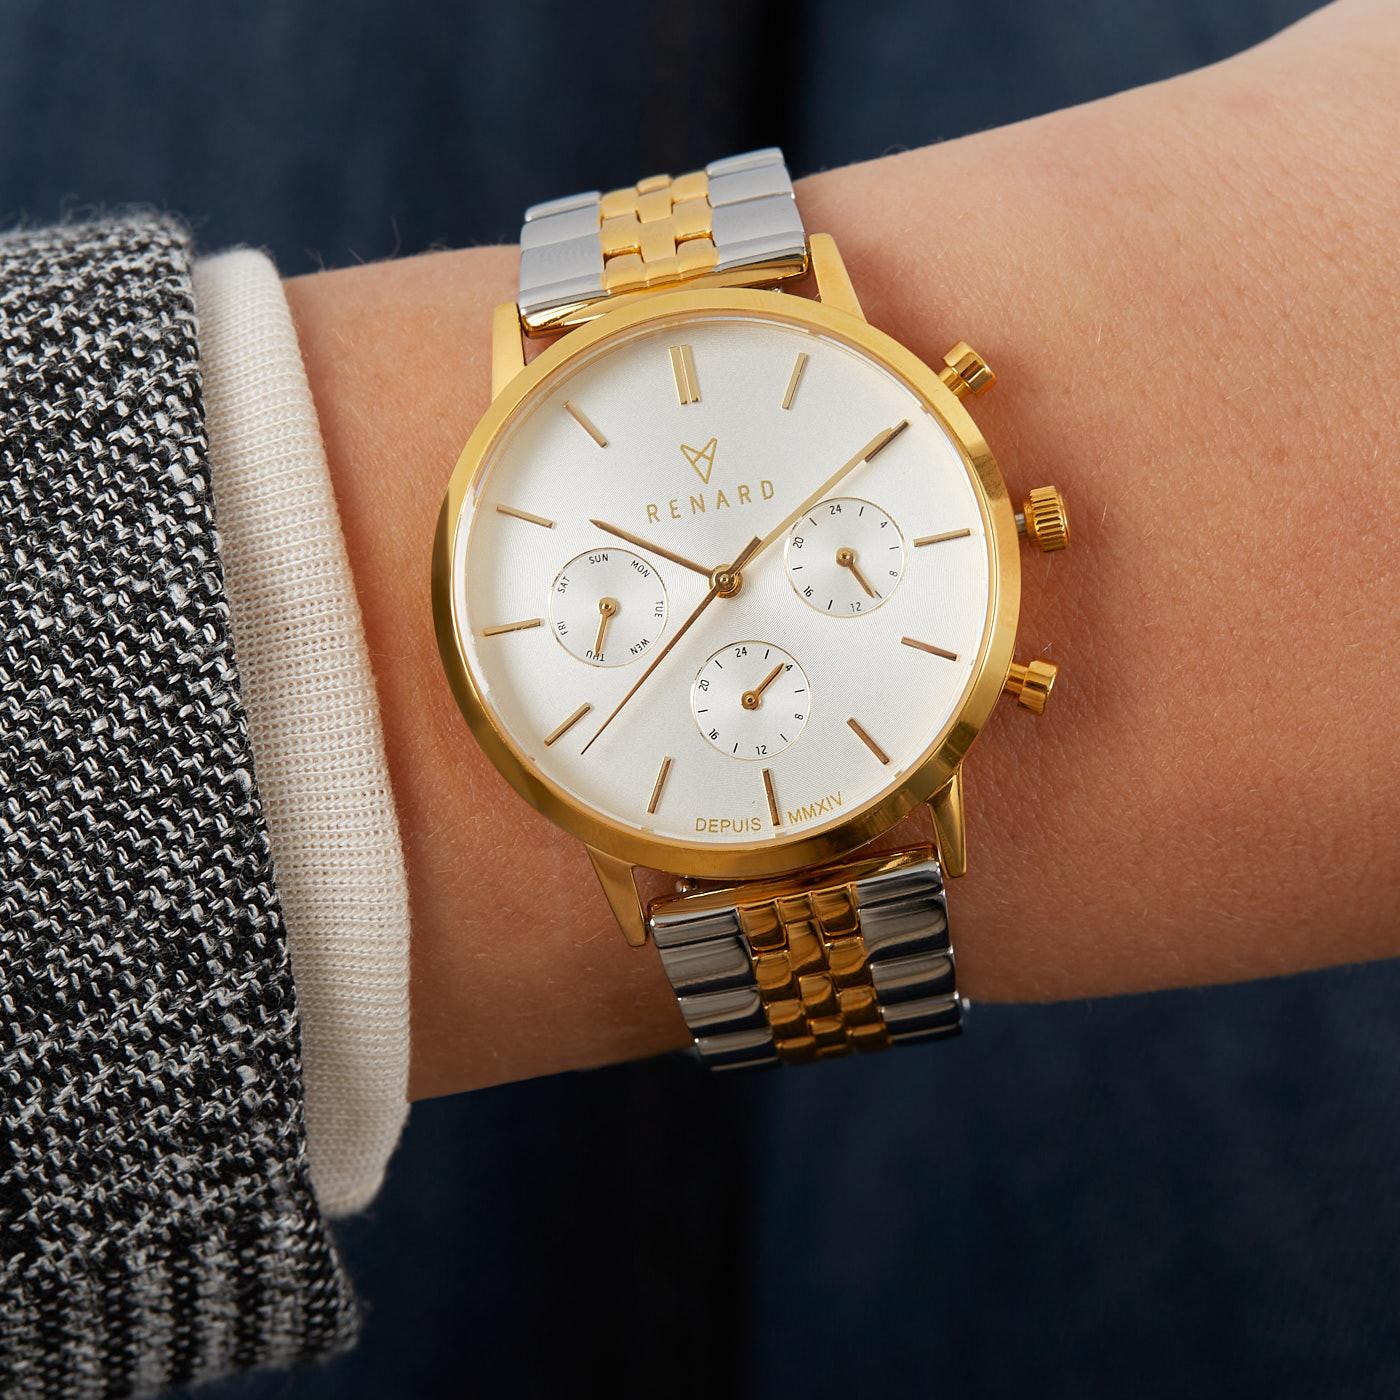 Renard Elite 35.5 Chronograaf Horloge en Strap Giftset RW90002